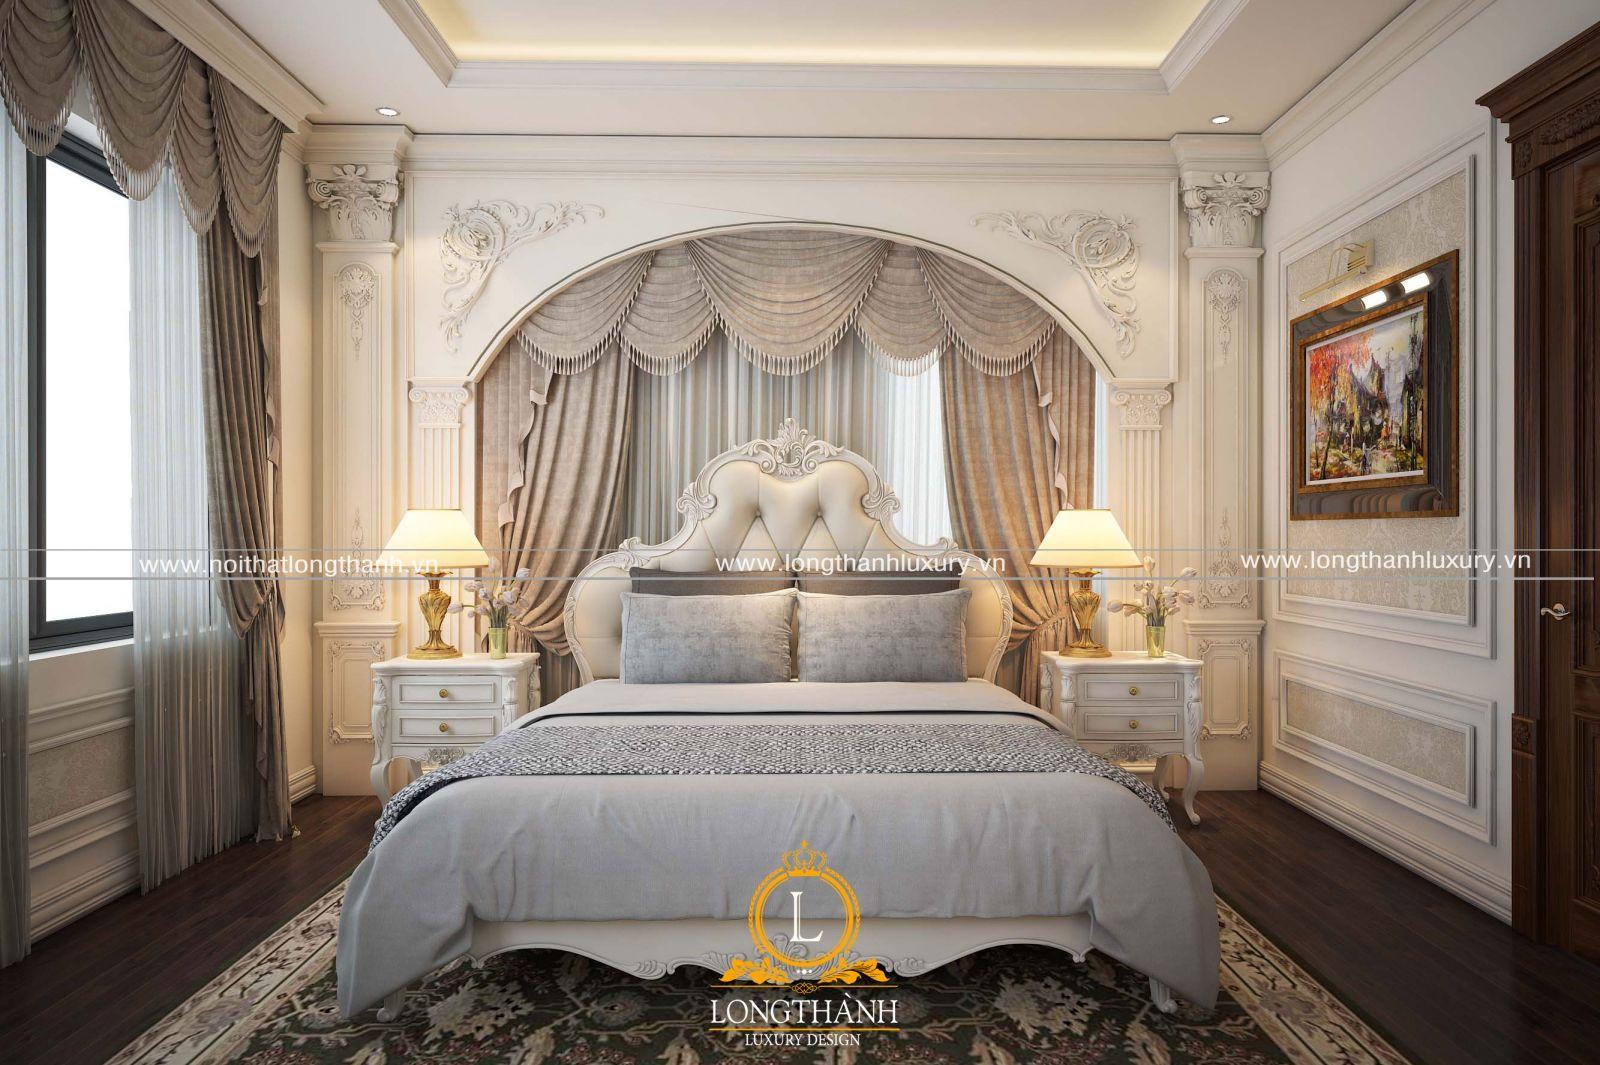 Phòng ngủ tân cổ điển sơn trắng - vẻ đẹp nhẹ nhàng, tinh khôi